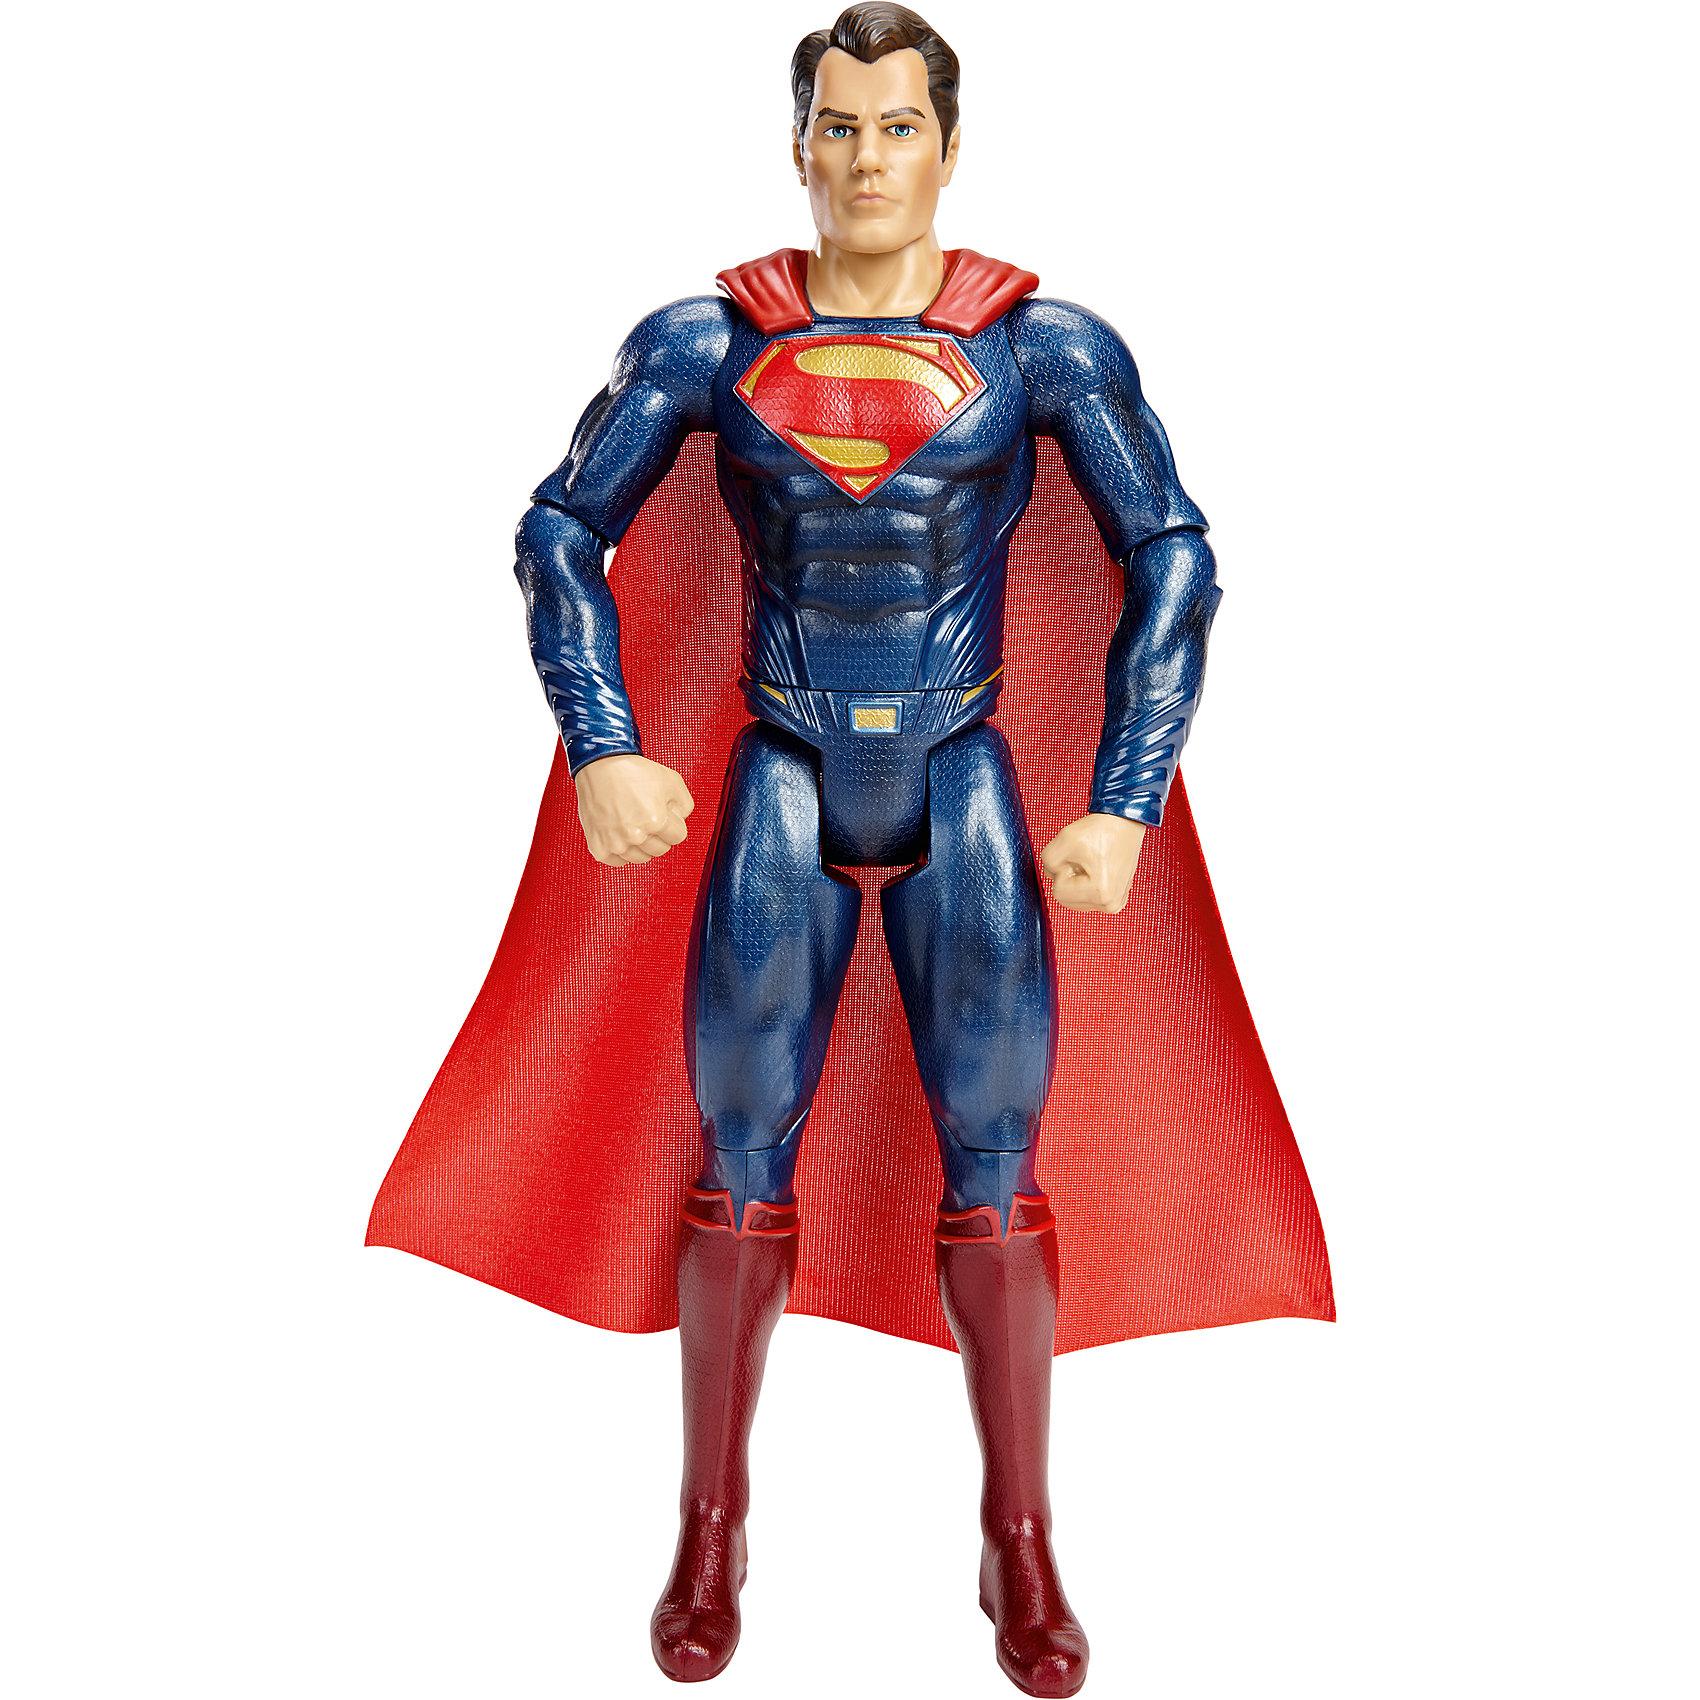 Фигурка Бэтмен vs Супермен, 30 смБэтмен<br>Новые фигурки любимых персонажей из серии «Бэтмен против Супермена: На заре справедливости» приведут в восторг всех поклонников Marvel. Фигурка Супермена  максимально детализирована, имеет  тщательно проработанную мускулатуру и большое количество аксессуаров. За спиной развевается красный плащ, ставший символом Супермена, а на груди крупный знак в виде стилизованной буквы S. Игрушка выполнена из высококачественного пластика, раскрашена экологичными гипоаллергенными красителями, имеет более 10 шарниров, что позволяет приобретать любые, очень реалистичные позы. <br><br>Дополнительная информация:<br><br>- Материал: пластик.<br>- Размер фигурки: 30 см. <br>- Голова, руки, ноги подвижные (более 10 шарниров).<br>- Прекрасно детализированы.<br><br>Фигурку Бэтмен vs Супермен, 30 см, можно купить в нашем магазине.<br><br>Ширина мм: 70<br>Глубина мм: 230<br>Высота мм: 330<br>Вес г: 701<br>Возраст от месяцев: 36<br>Возраст до месяцев: 144<br>Пол: Мужской<br>Возраст: Детский<br>SKU: 4556234